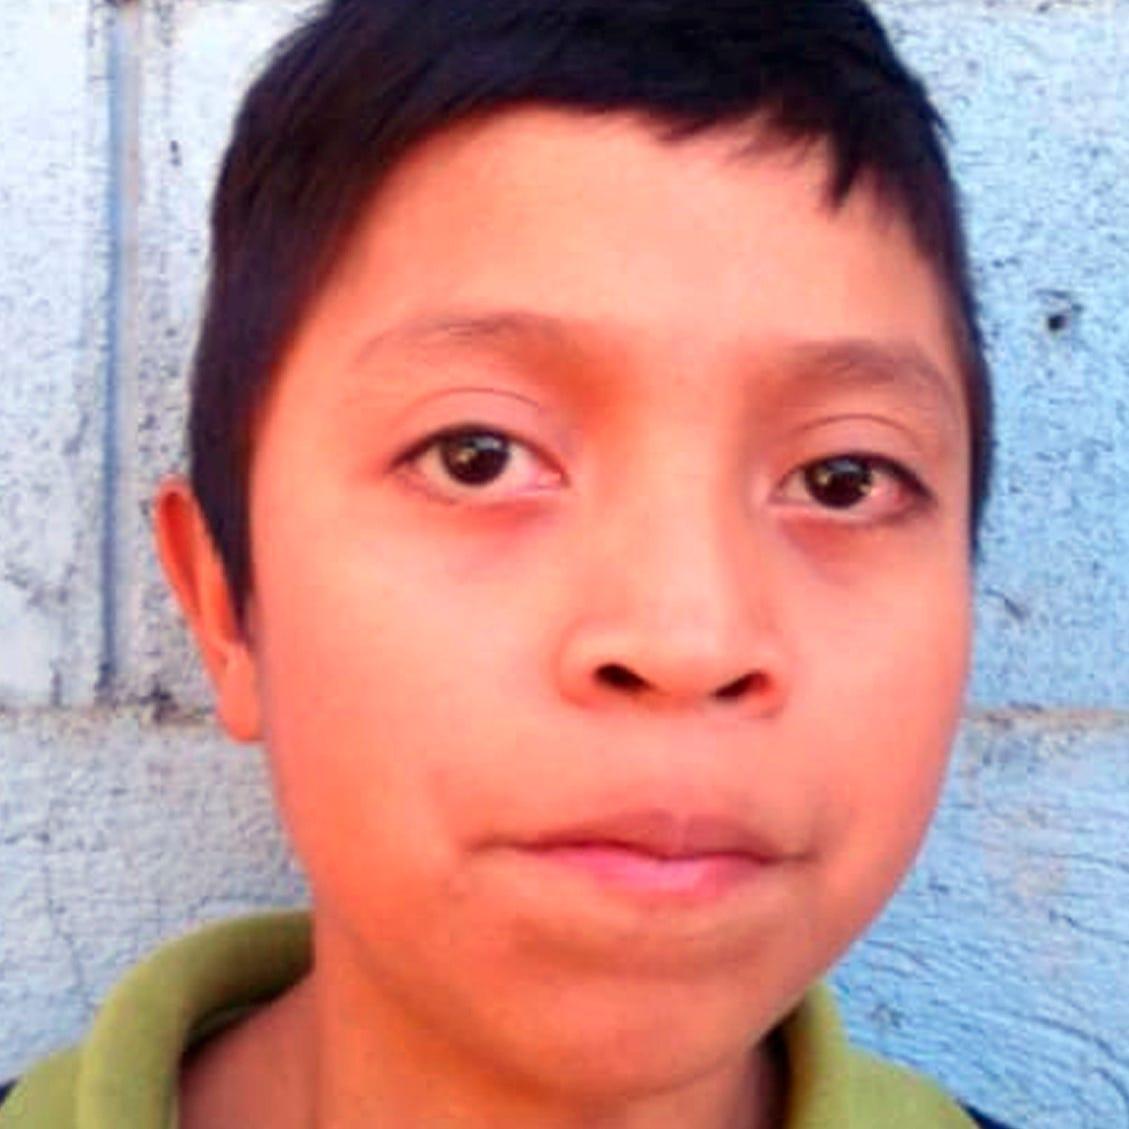 Fallece niño migrante detenido por EEUU